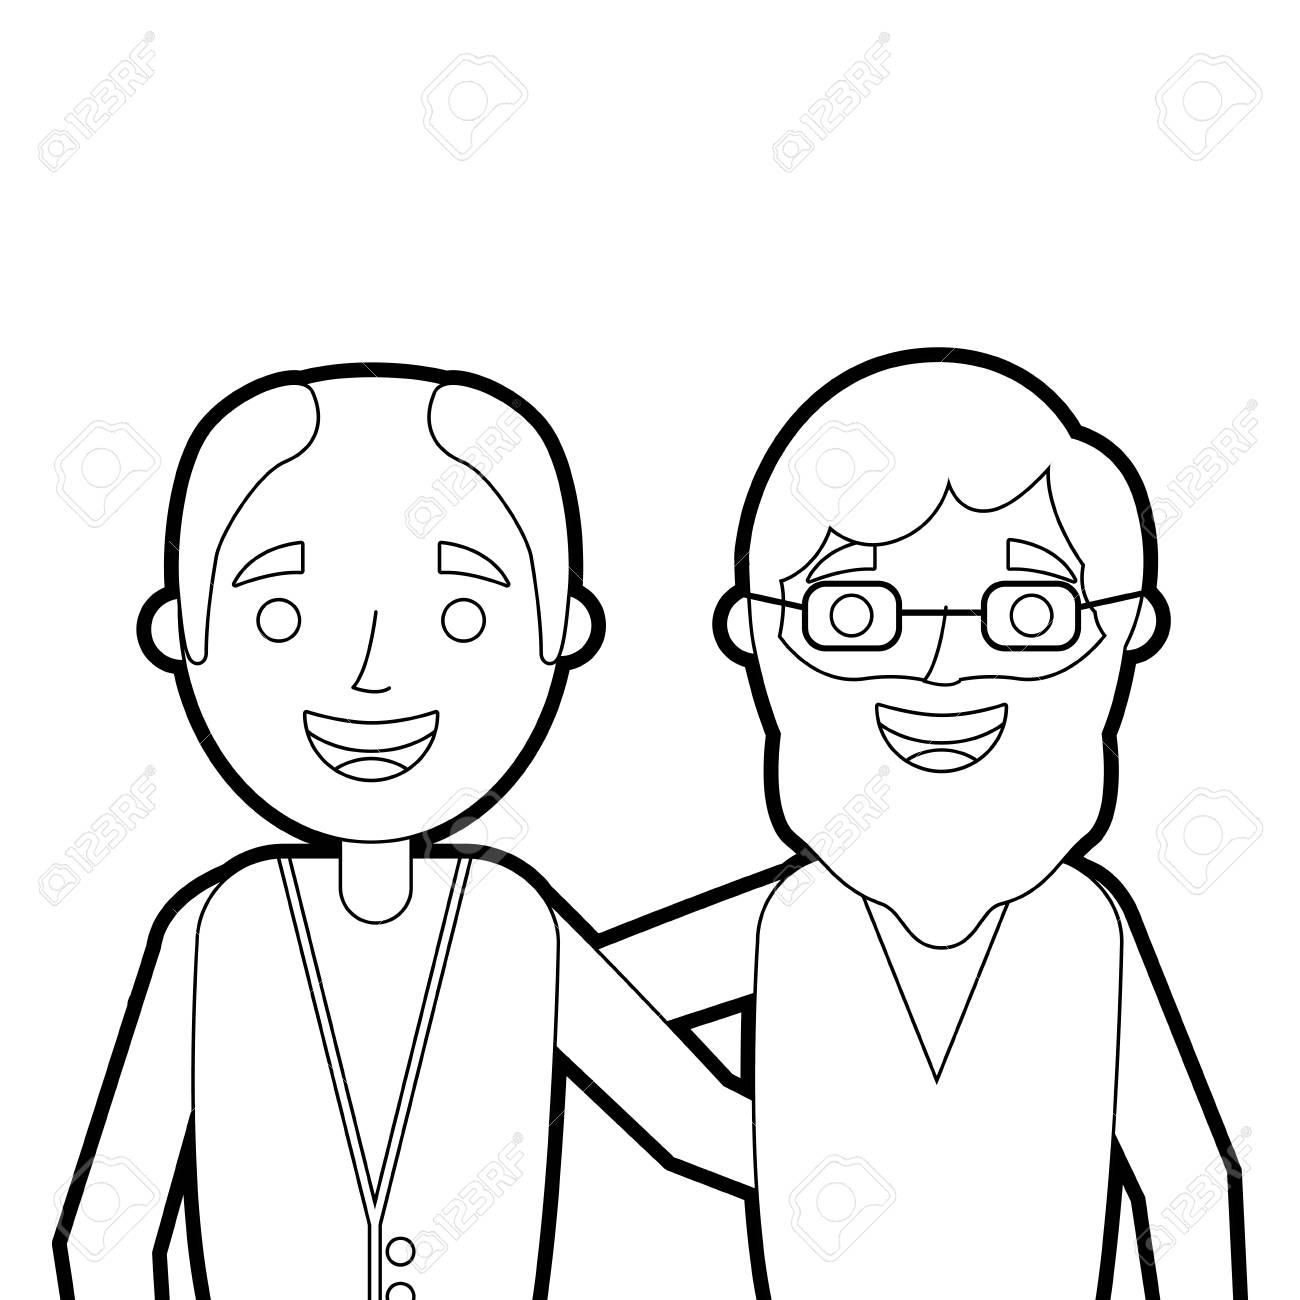 Dibujos Animados De Retrato De Dos Viejos Hombres Abrazaron A Amigos Juntos Vector Ilustración Ilustración Vectorial Esquema